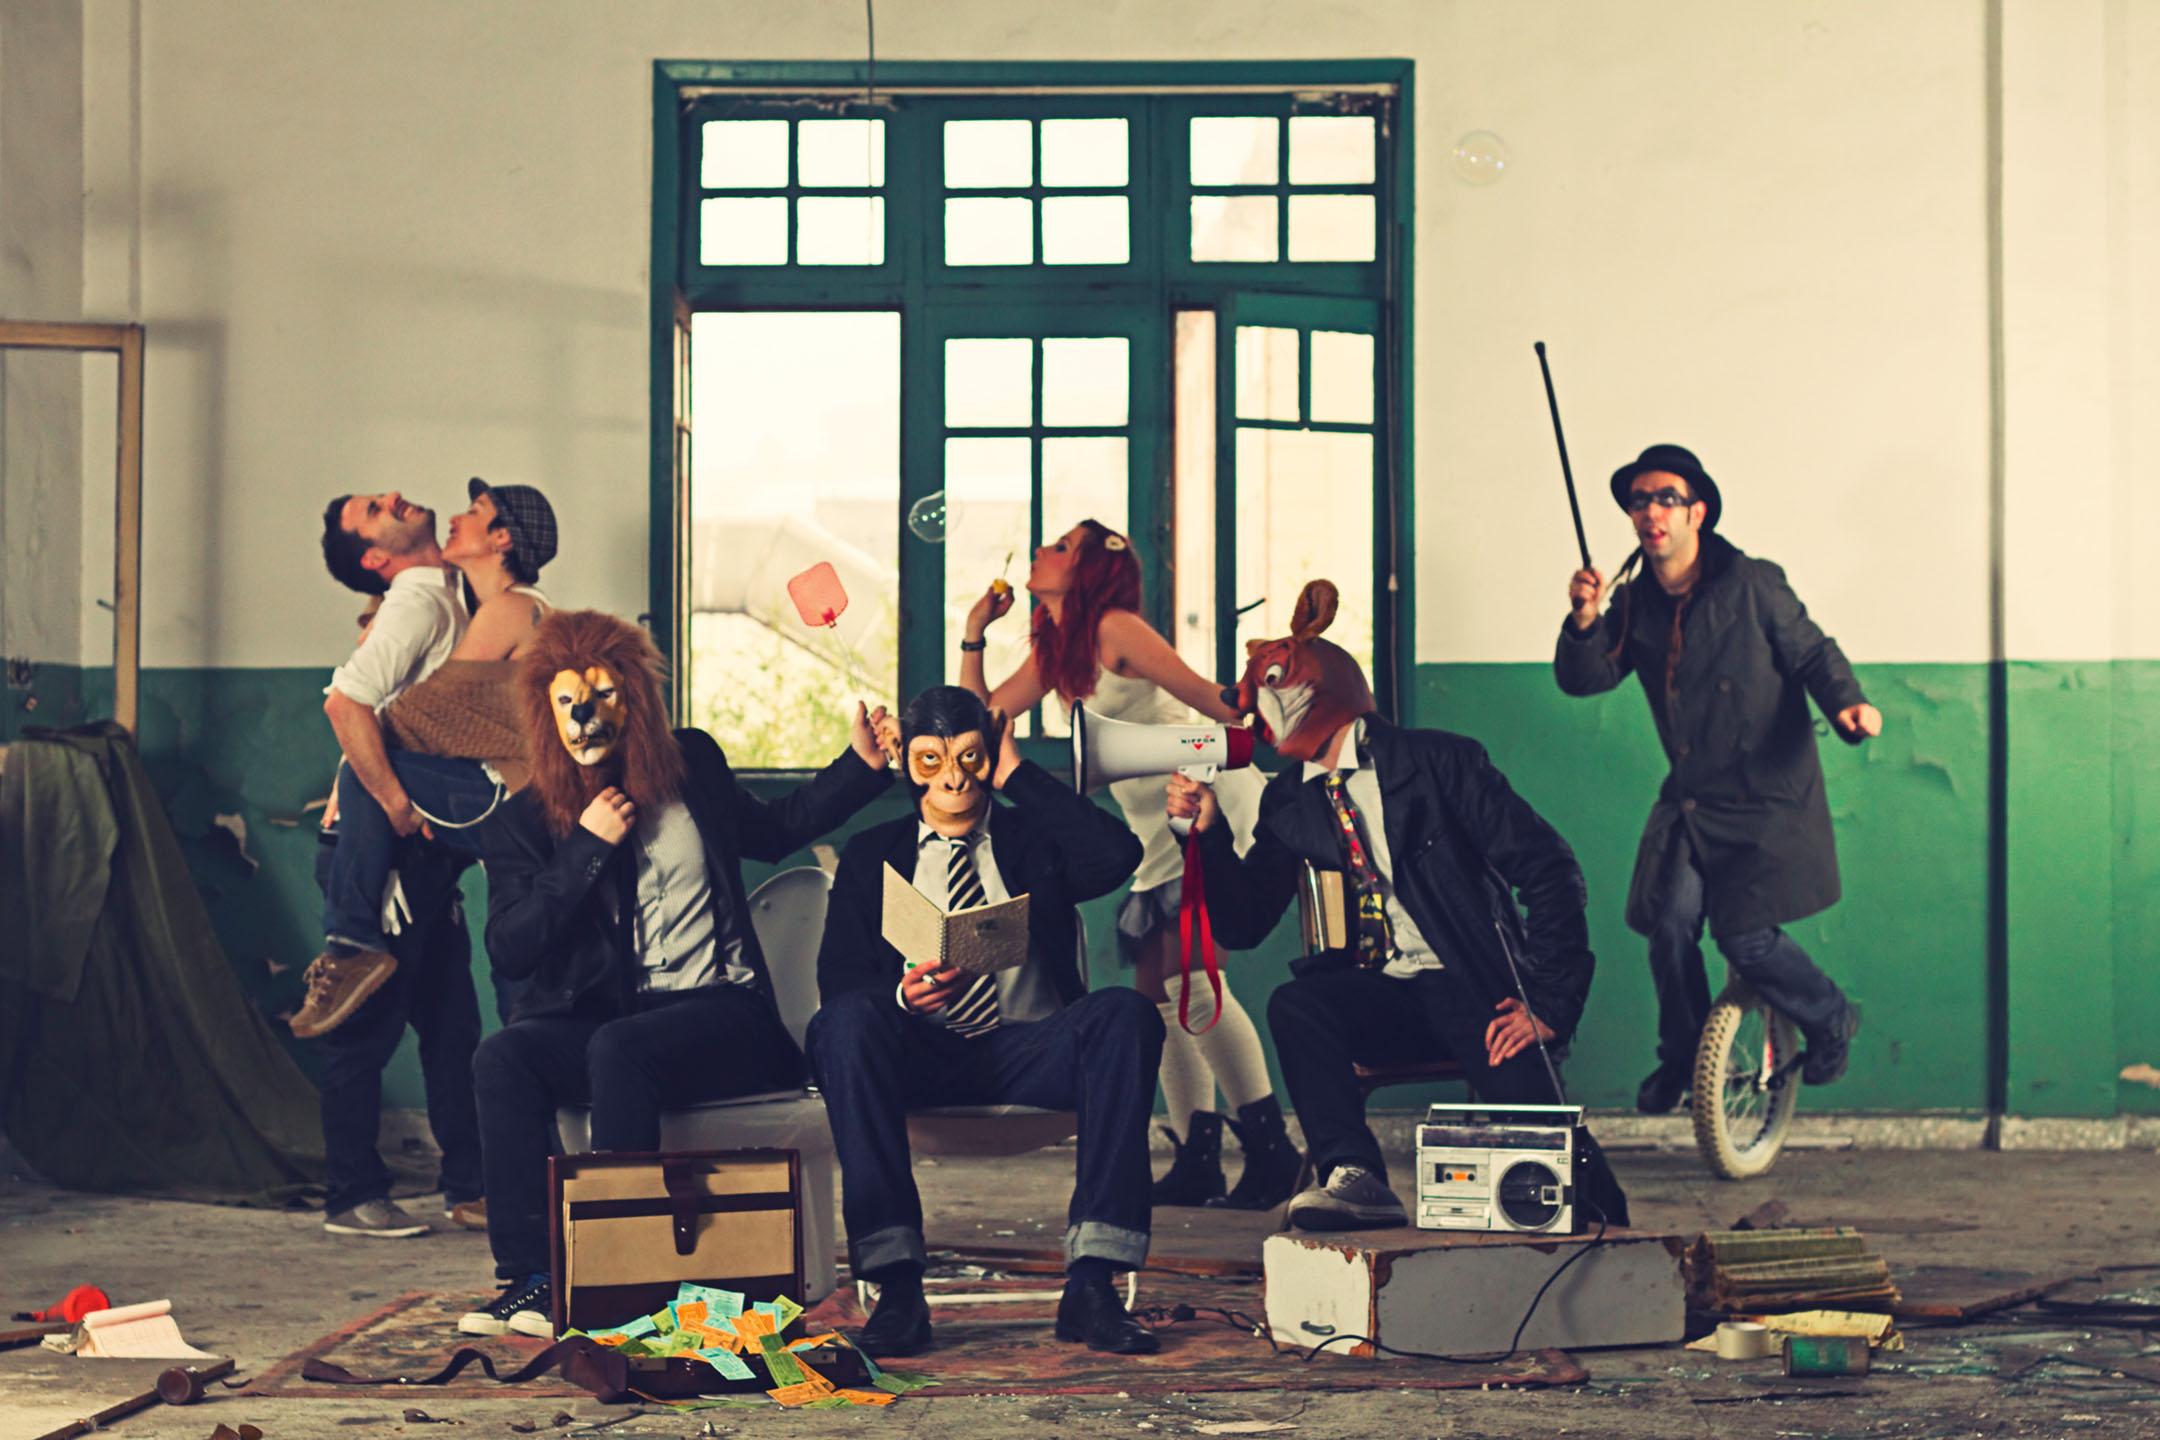 eventos y grupos musicales - Joshua Miravalles Gómez Fotógrafo - Joshua Miravalles Gómez Photographer